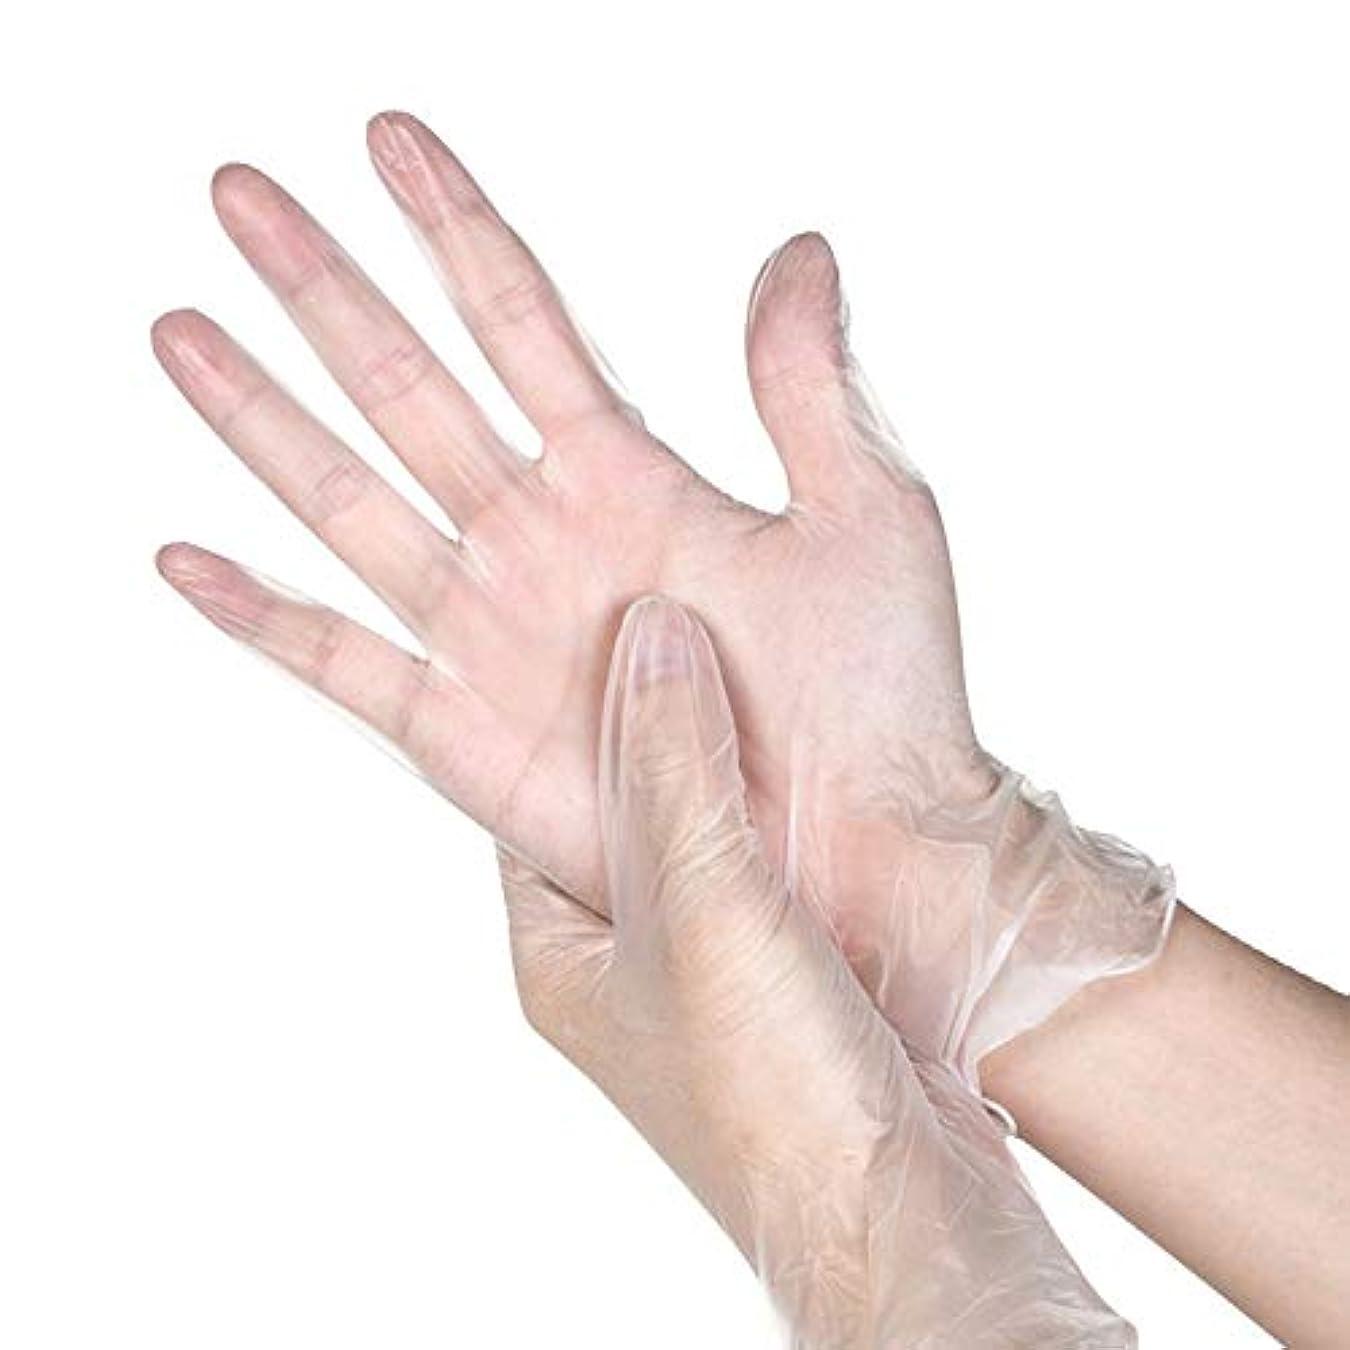 スナッチ誘惑する服100組の透明なポリ塩化ビニールの手袋粉のないA等級の防水および耐油の使い捨て可能な食糧美容院のビニールの手袋 YANW (色 : トランスペアレント, サイズ さいず : M m)